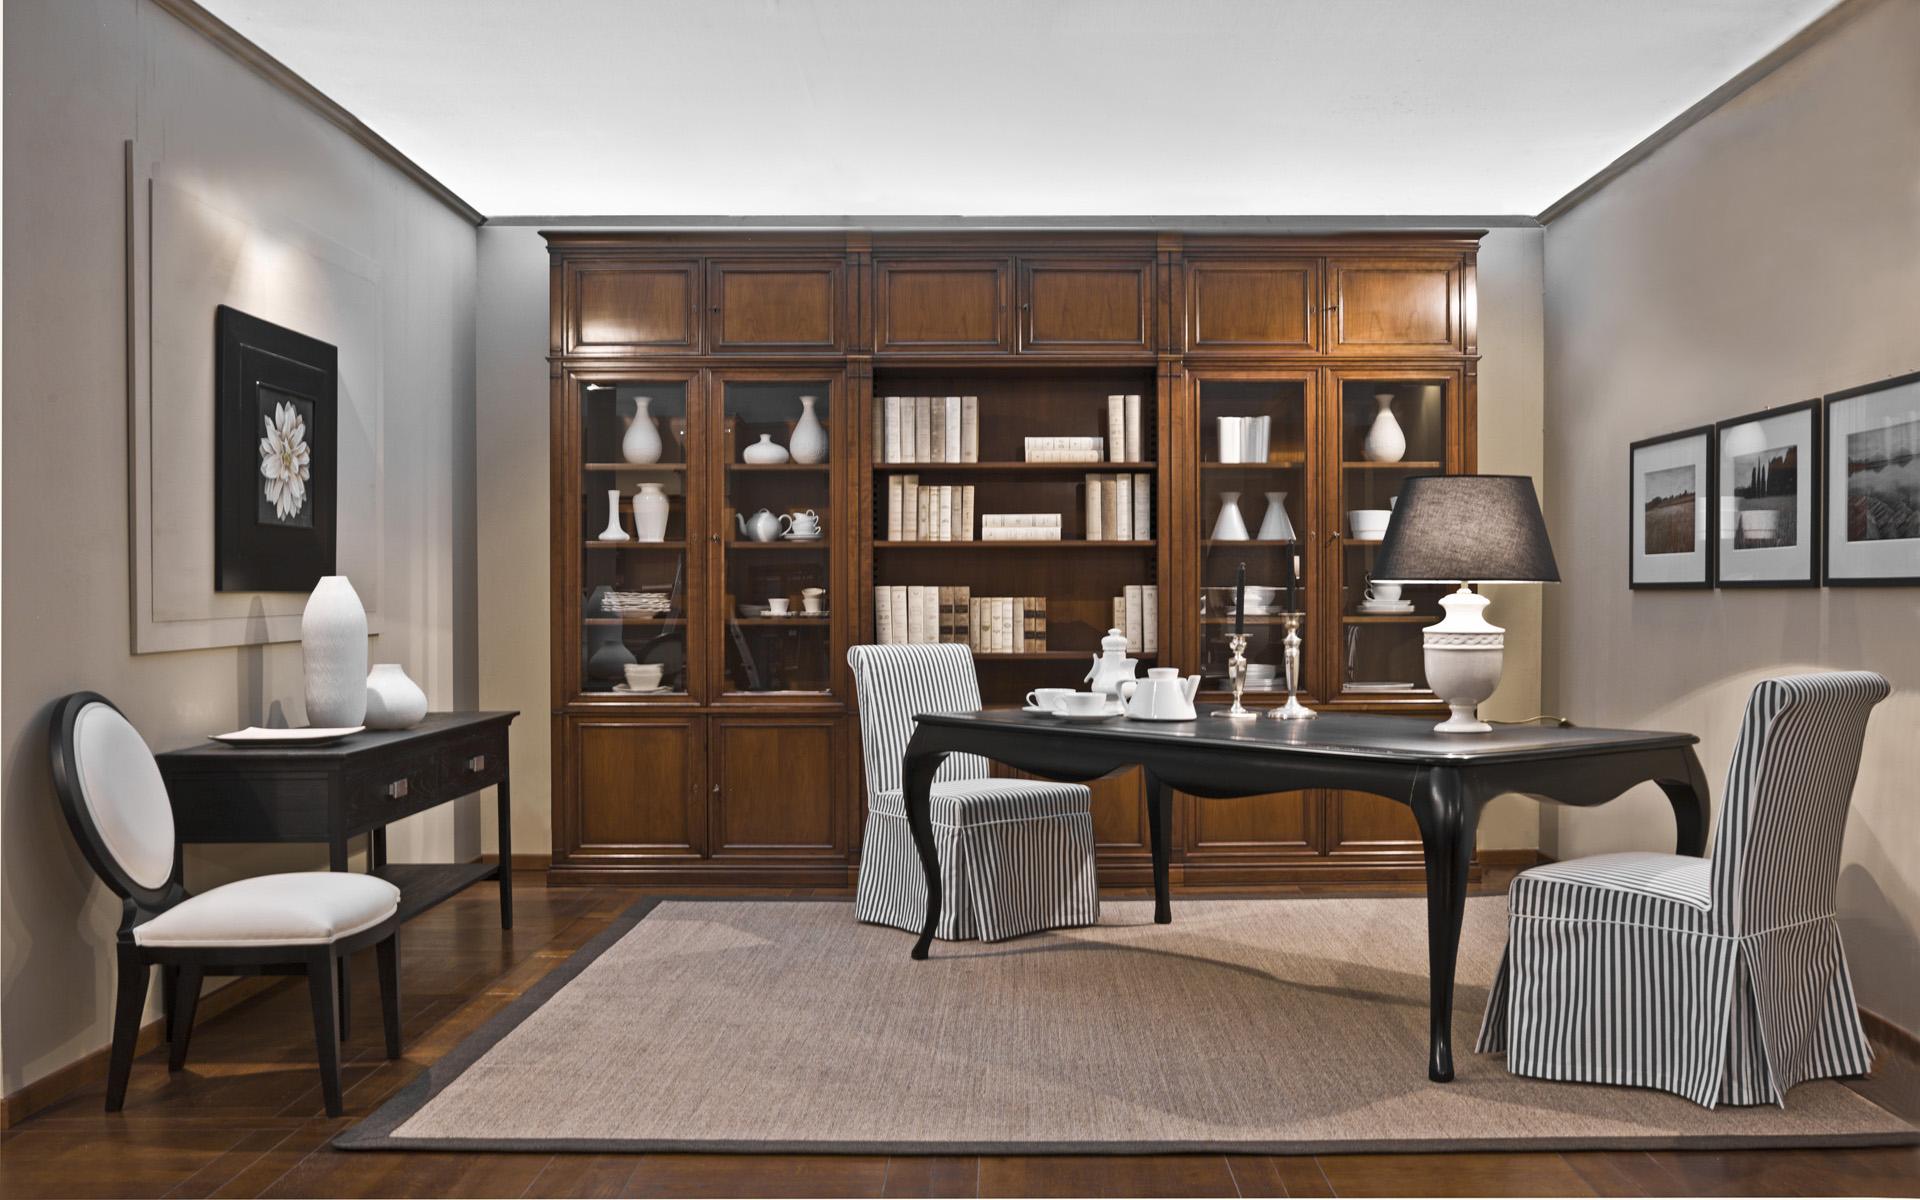 Meroni mobili ufficio mobili in legno massello moderni per ufficio ...